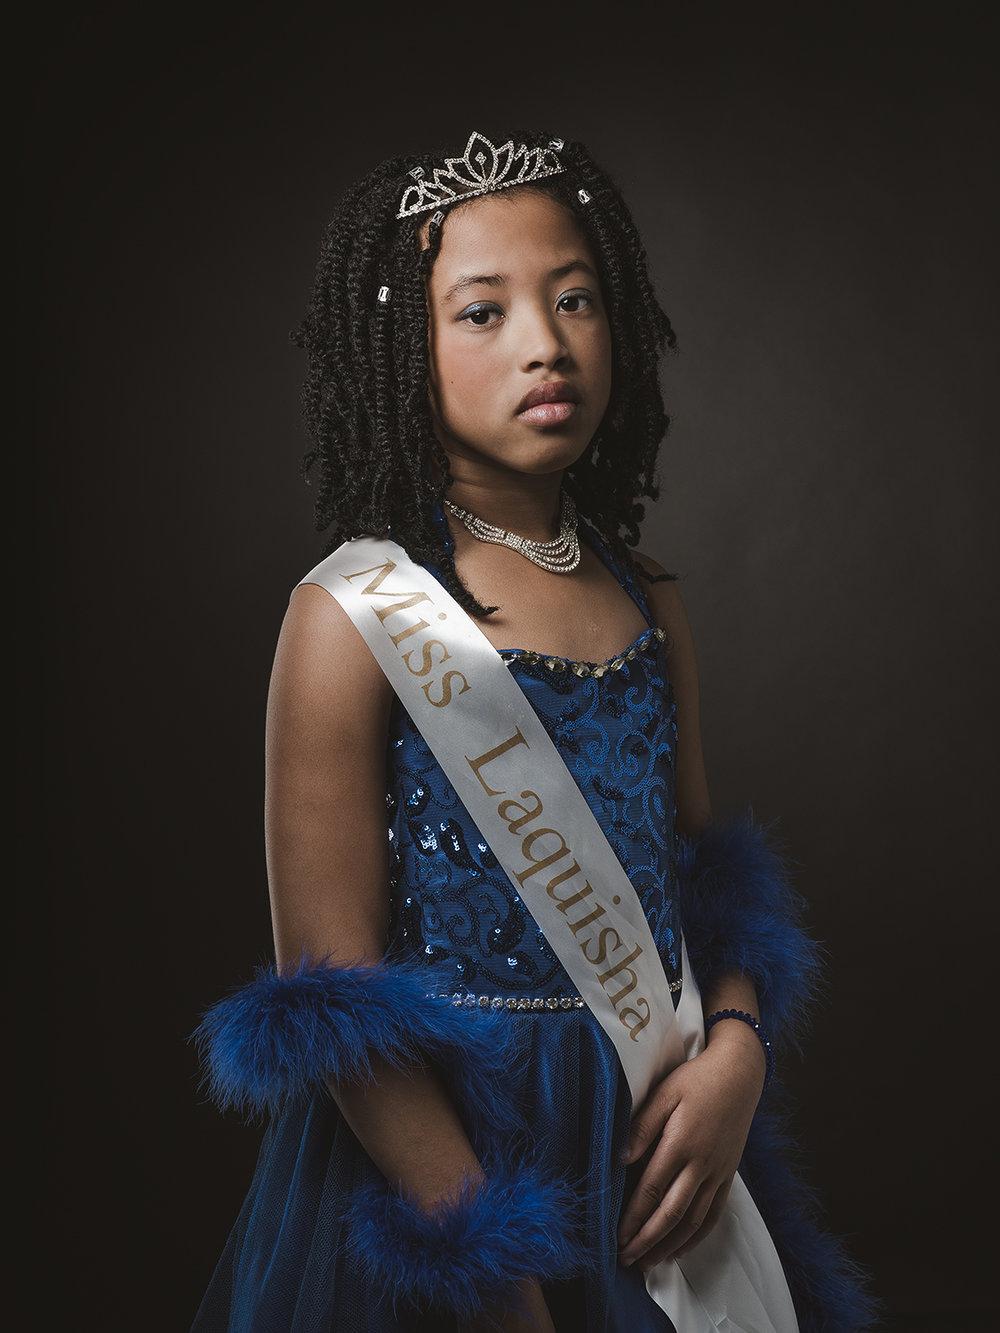 Laquisha, aged 9